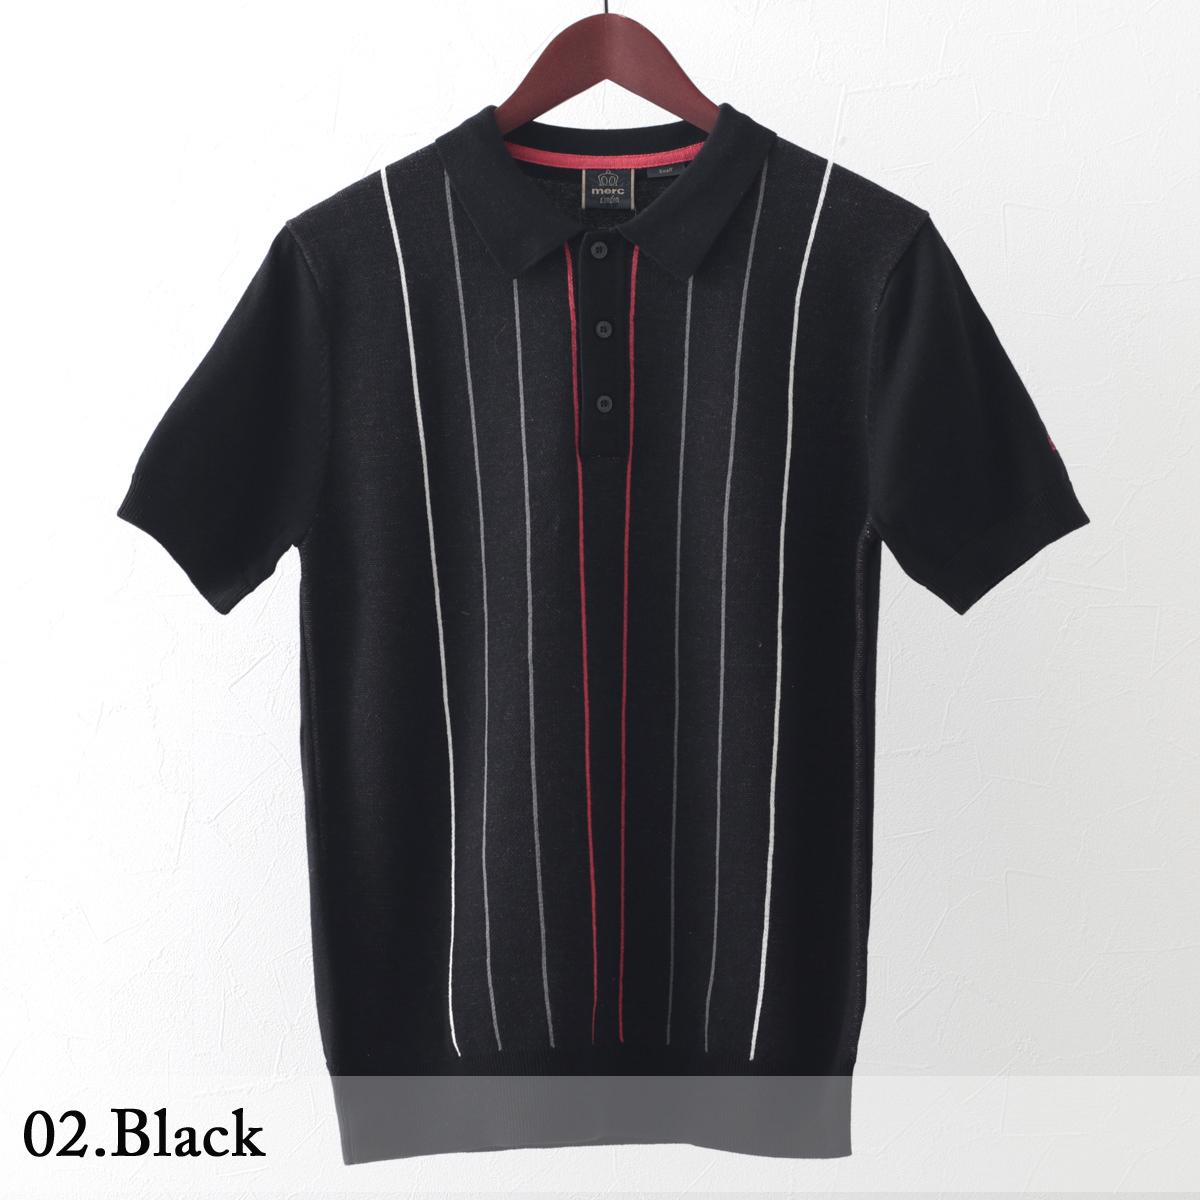 メルクロンドン メンズ ポロシャツ ポロ ストライプ バーティカル ニット Merc London 2色 ブラック ボーイブルー モッズファッション